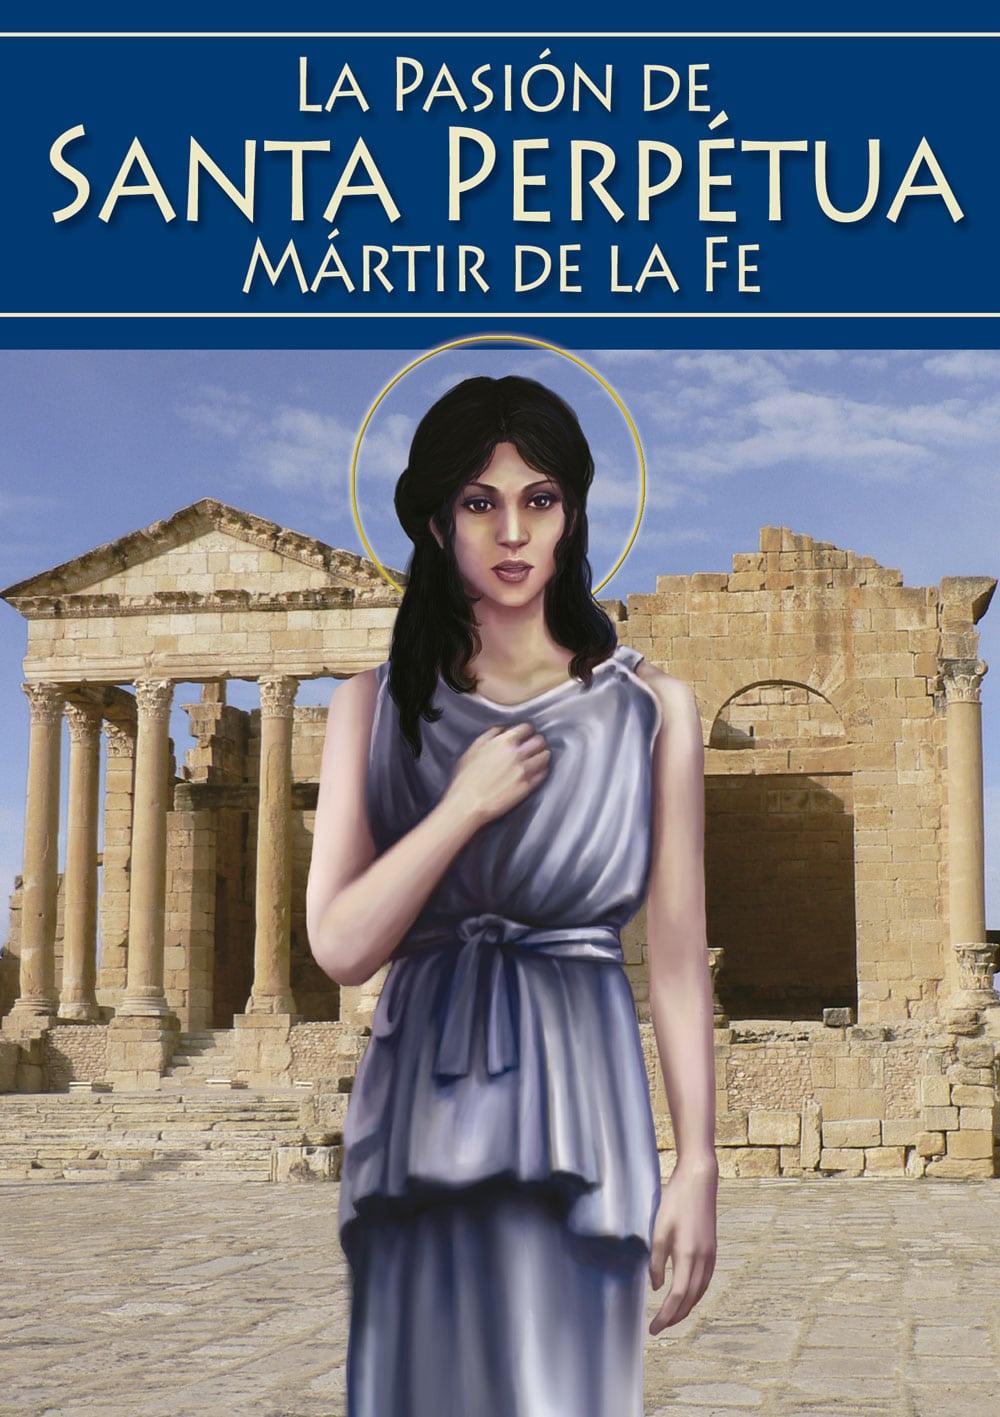 La Pasión de Santa Perpétua: mártir de la fe